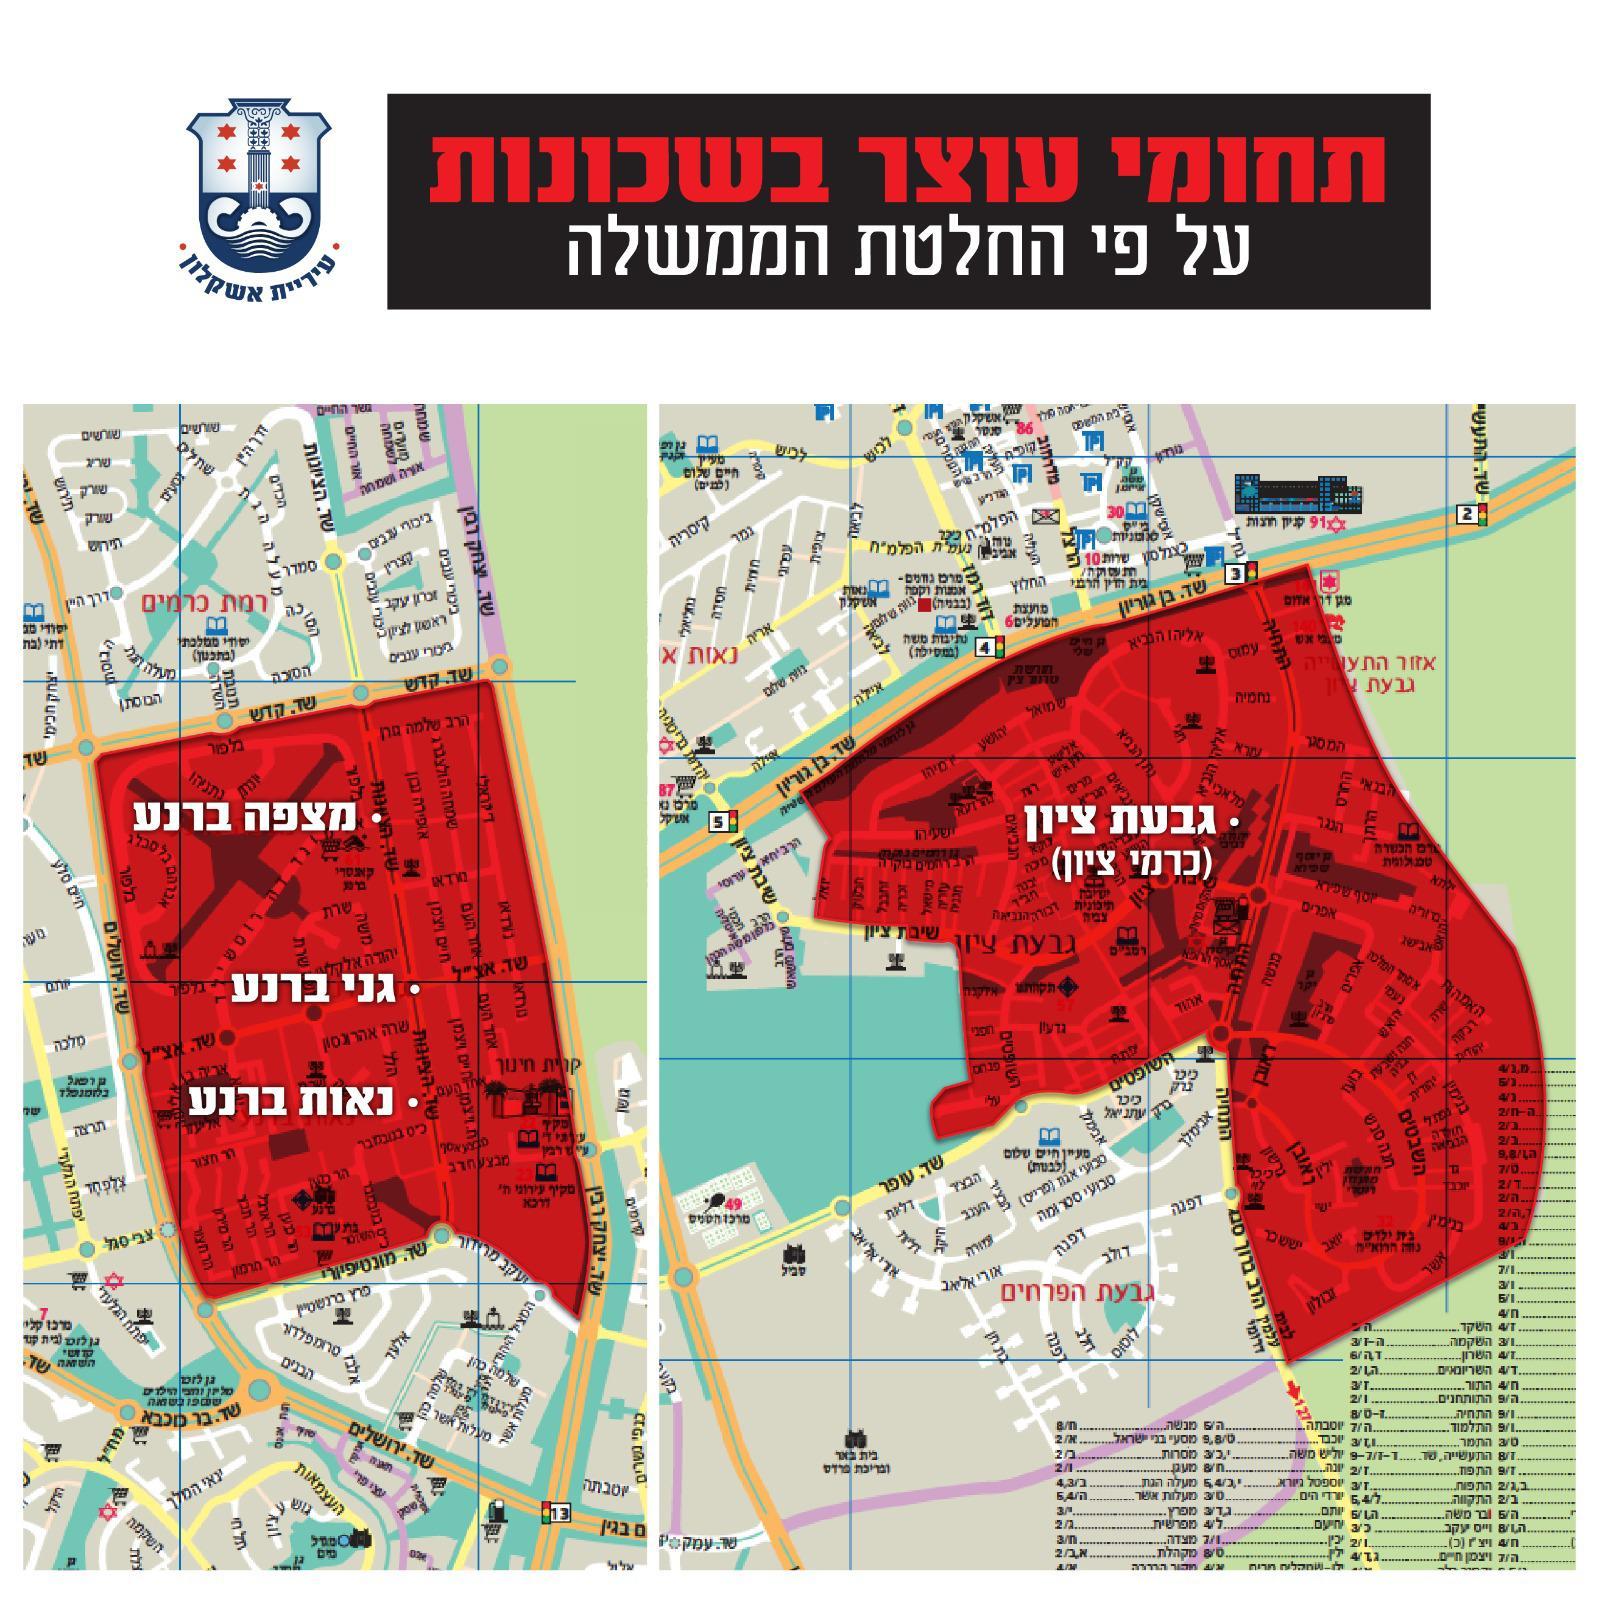 ממשלת ישראל מודיעה על עוצר לילי